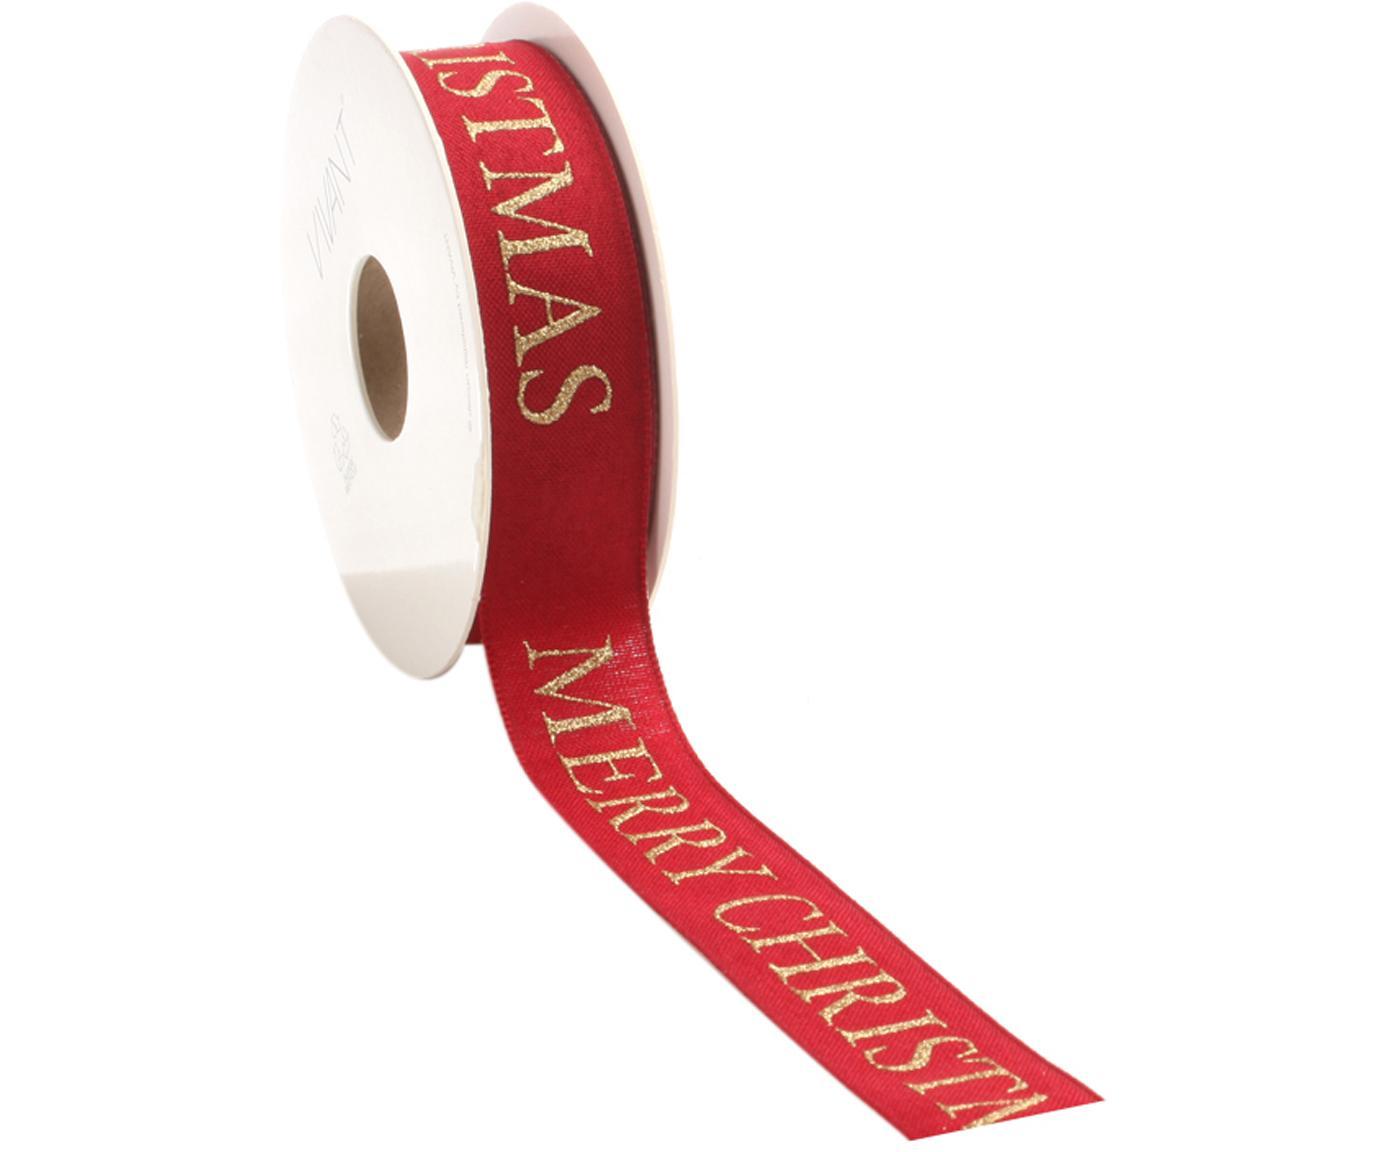 Wstążka prezentowa Textire, Poliester, Czerwony, odcienie złotego, S 3 x D 1500 cm